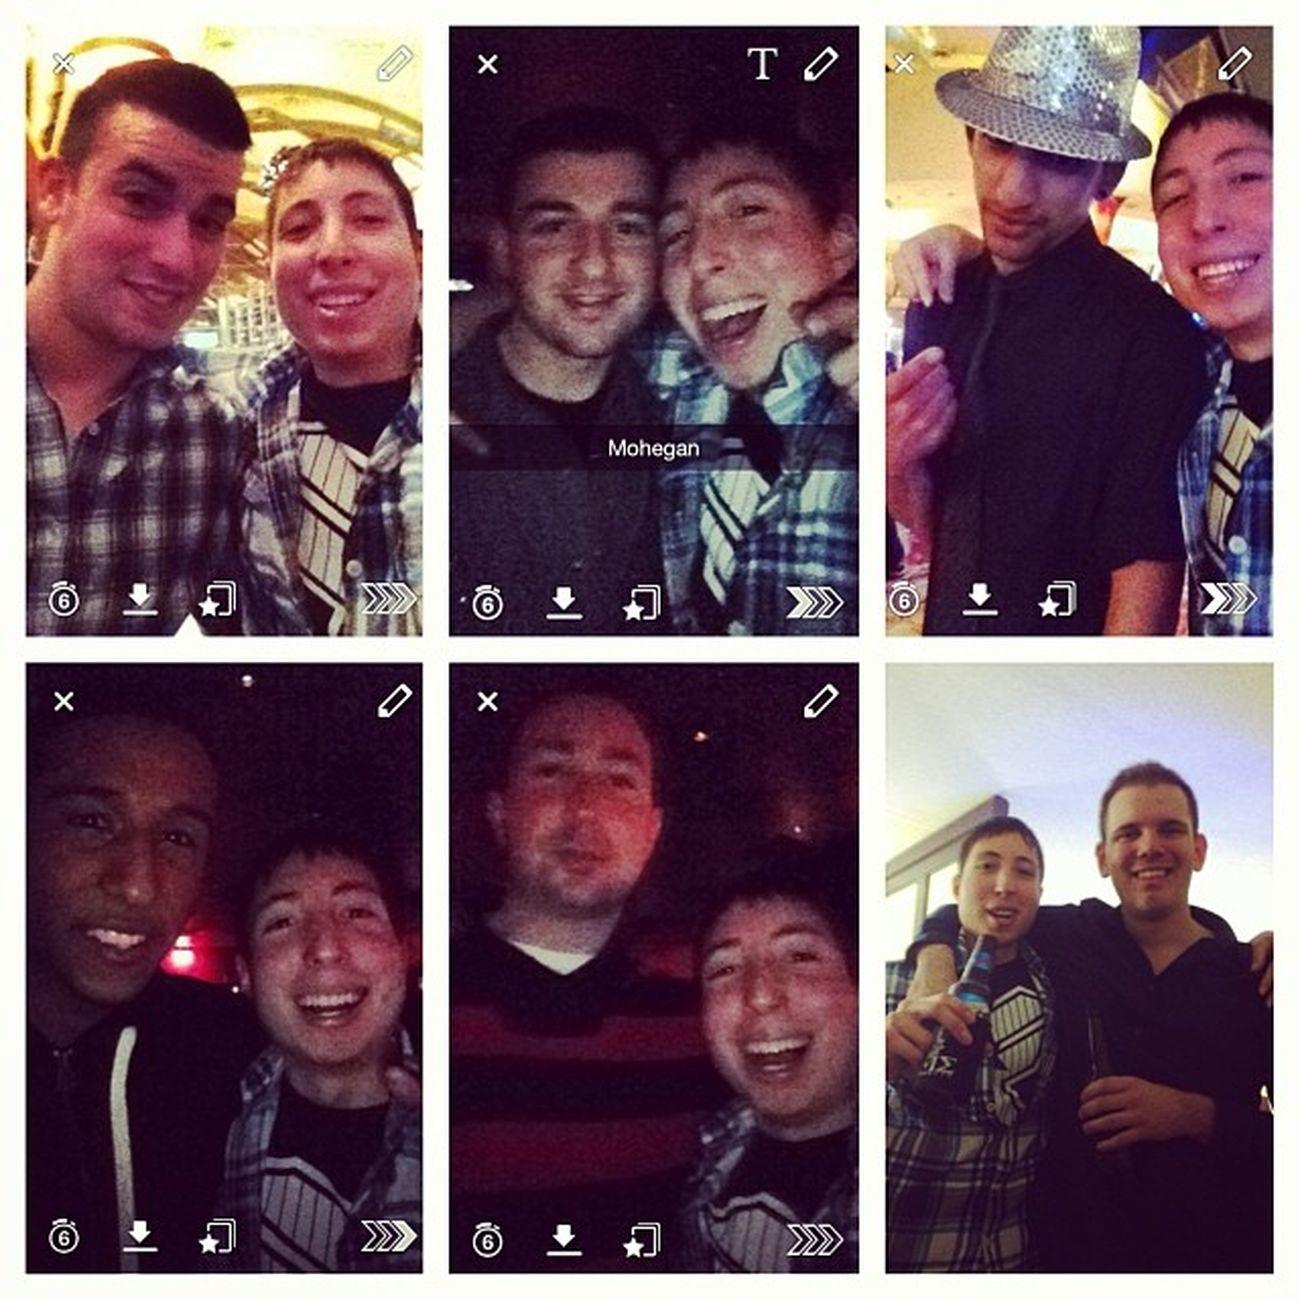 @corey_katz @npissanidis @ag_theridge @scuba2pointo Brotrip Snapchat MOHEGANSUN